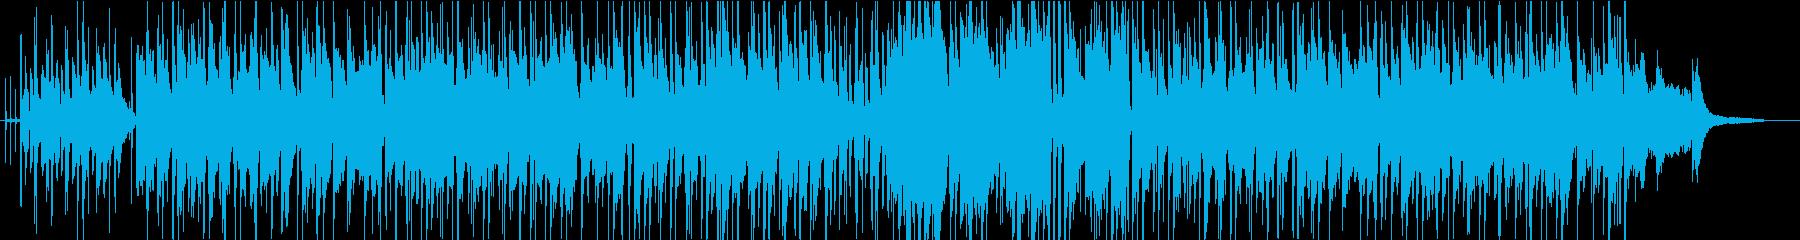 フルートの旋律が印象的なカフェ風ボサノバの再生済みの波形